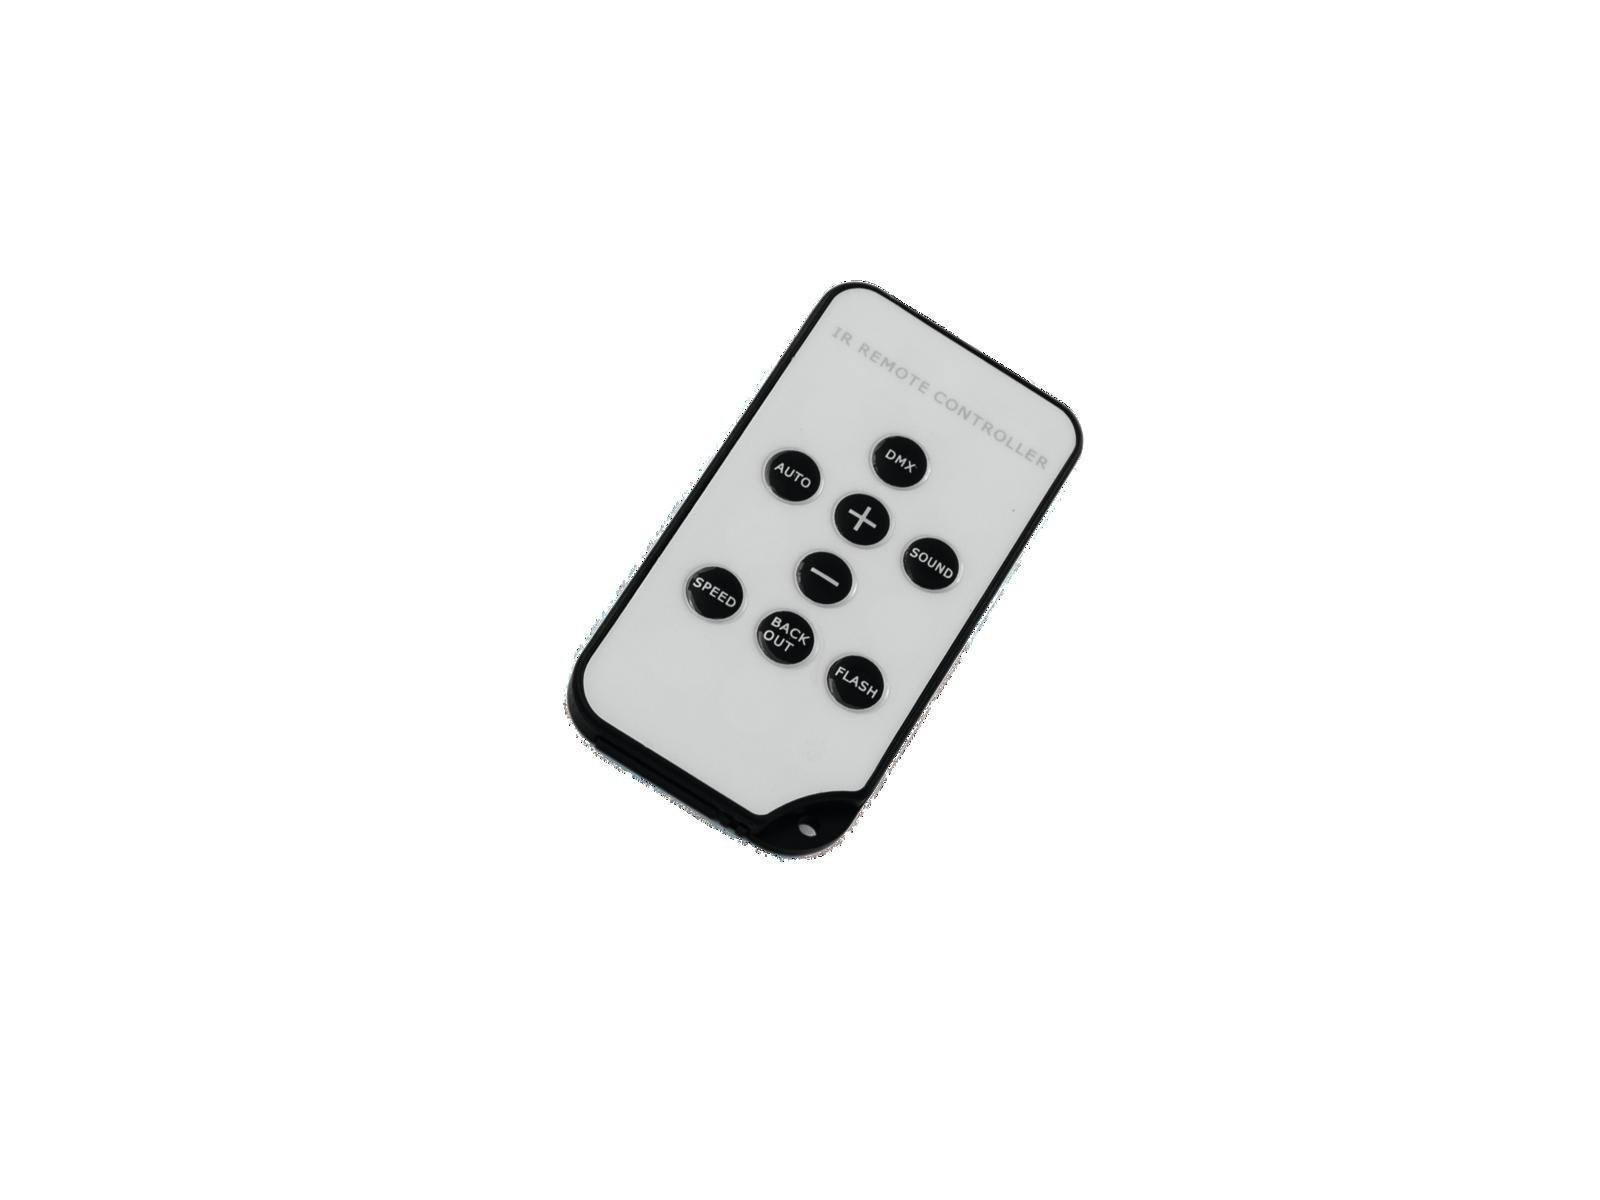 EUROLITE EUROLITE IR-15 Remote control